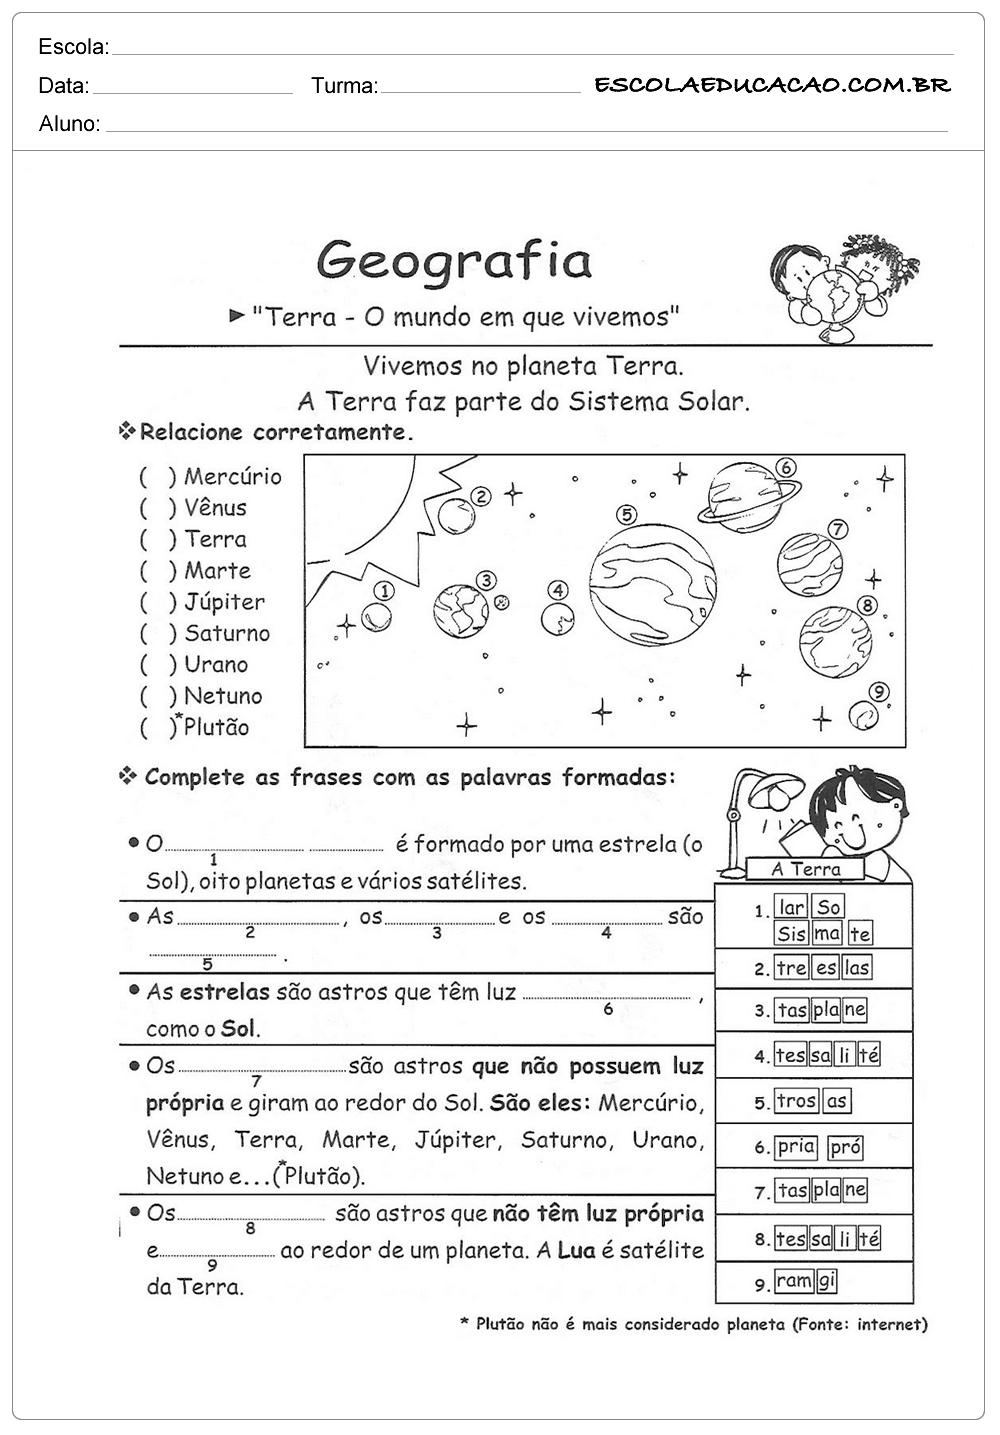 Quais os problemas da educação no brasil